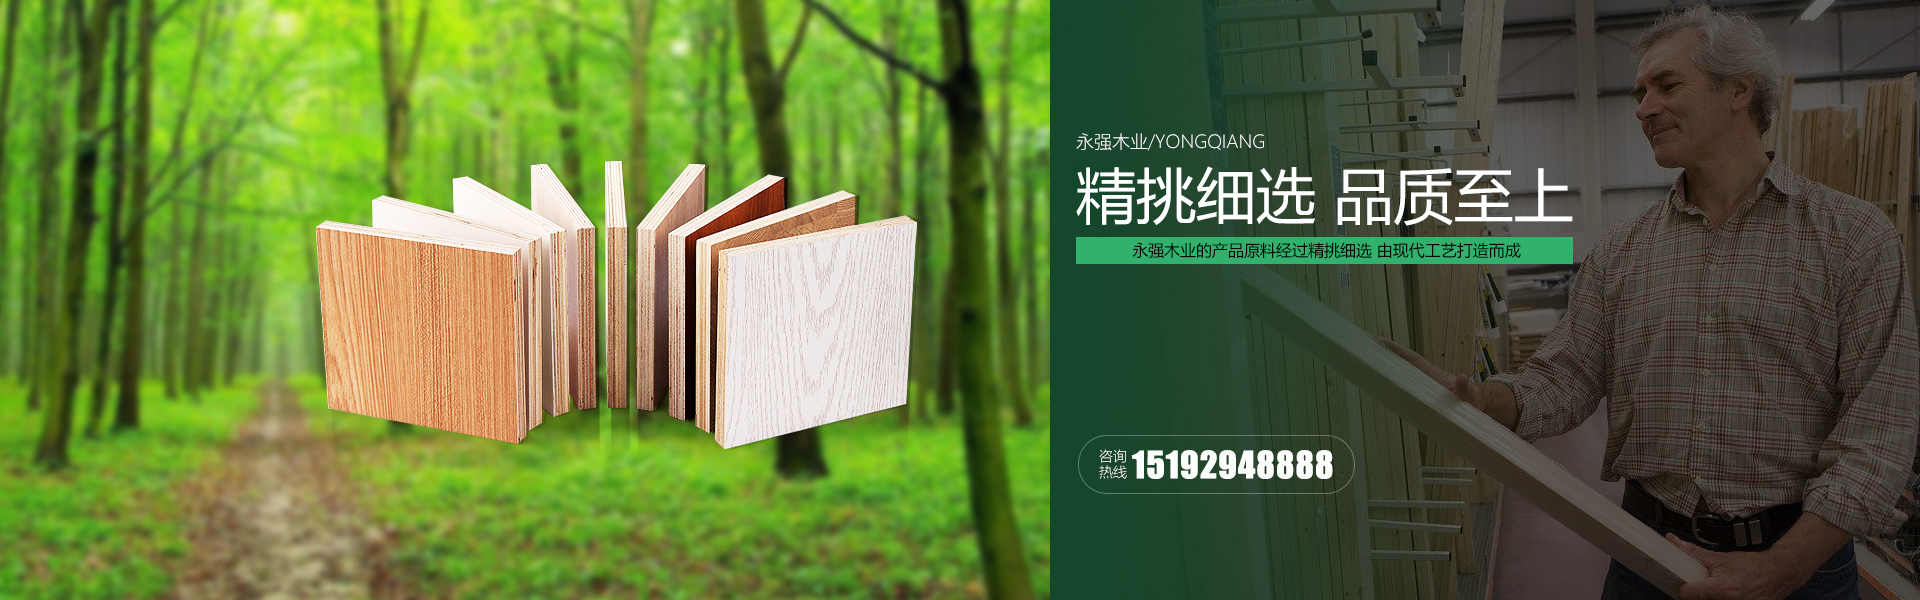 多层板,多层板生产厂家,多层板价格,包装板厂家